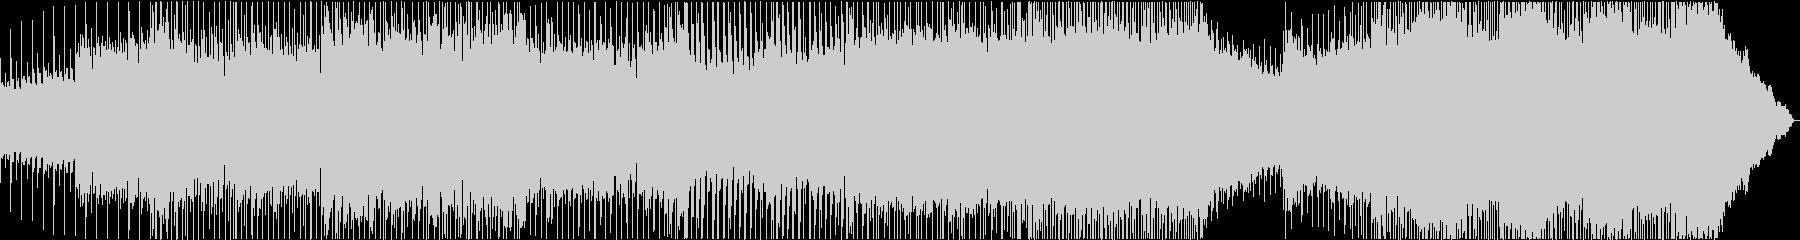 疾走シーンのパンキッシュバンドサウンドの未再生の波形